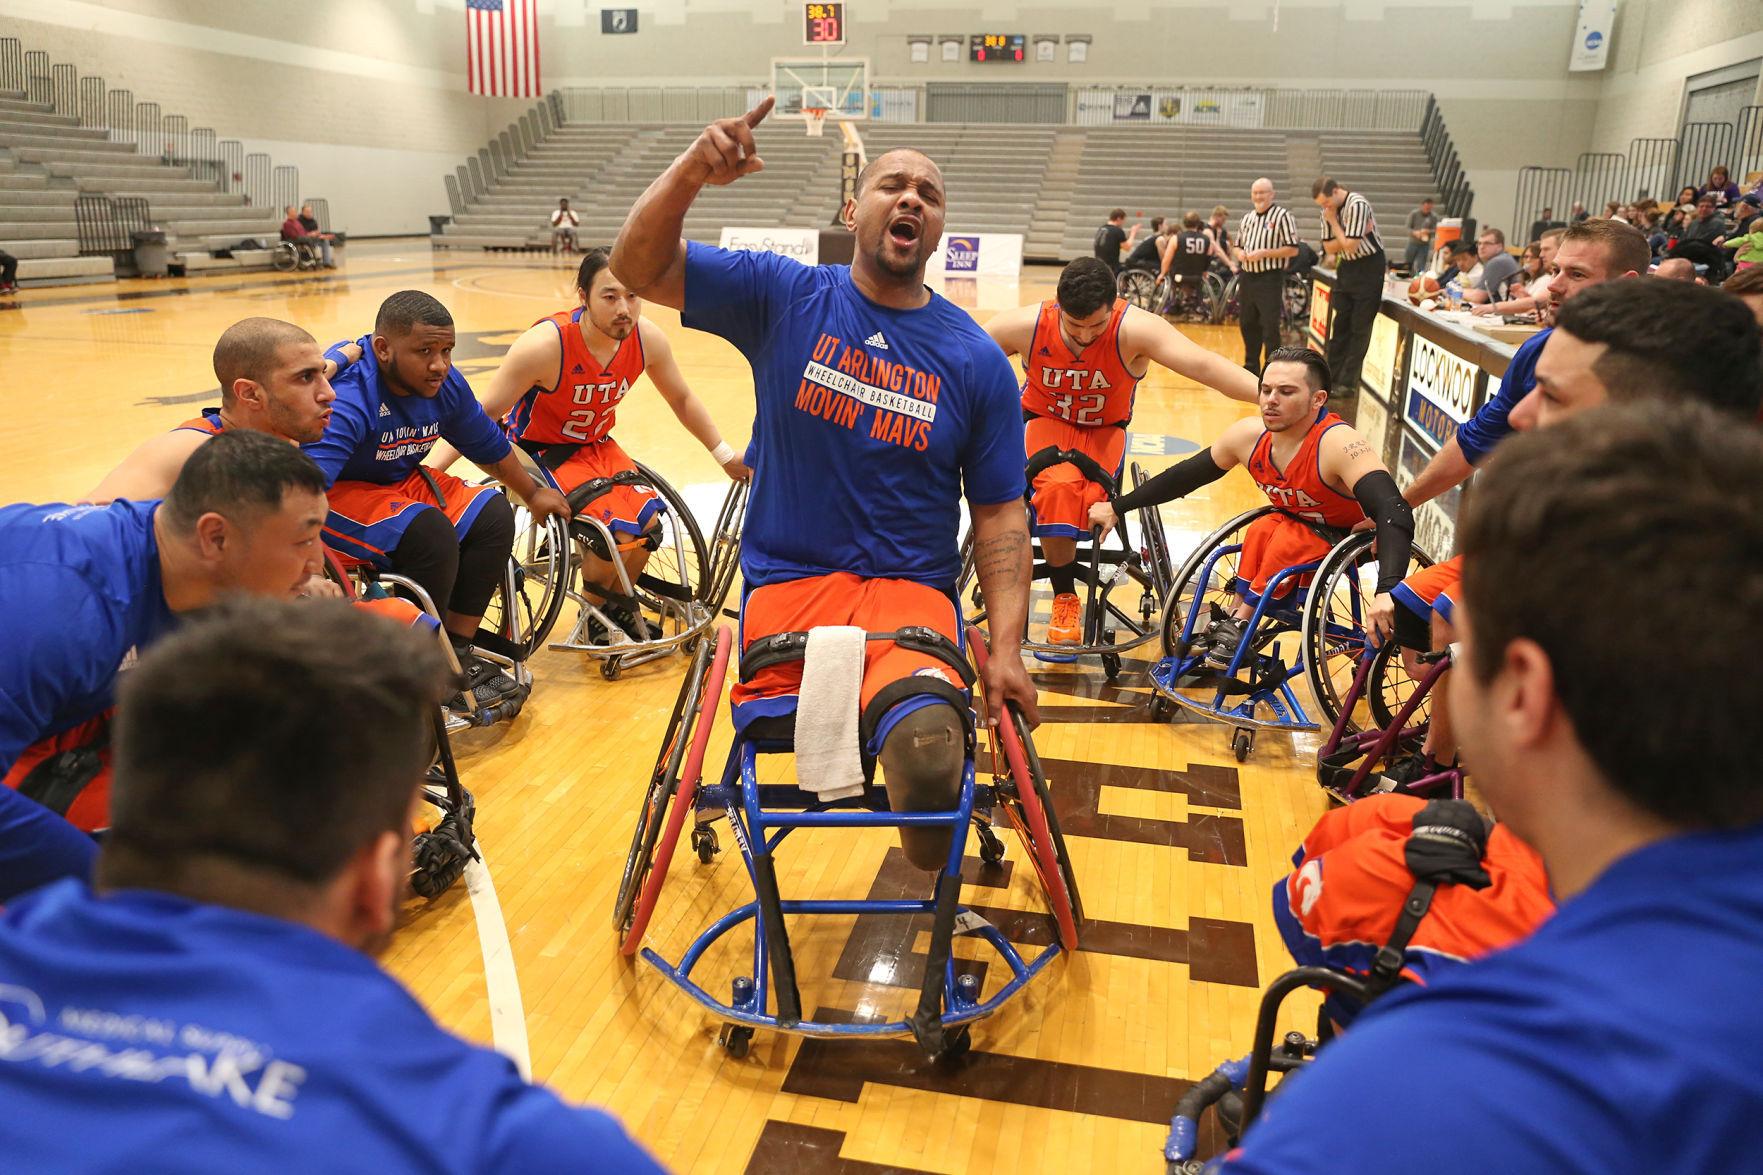 Movin' Mavs travel to Missouri for tournament